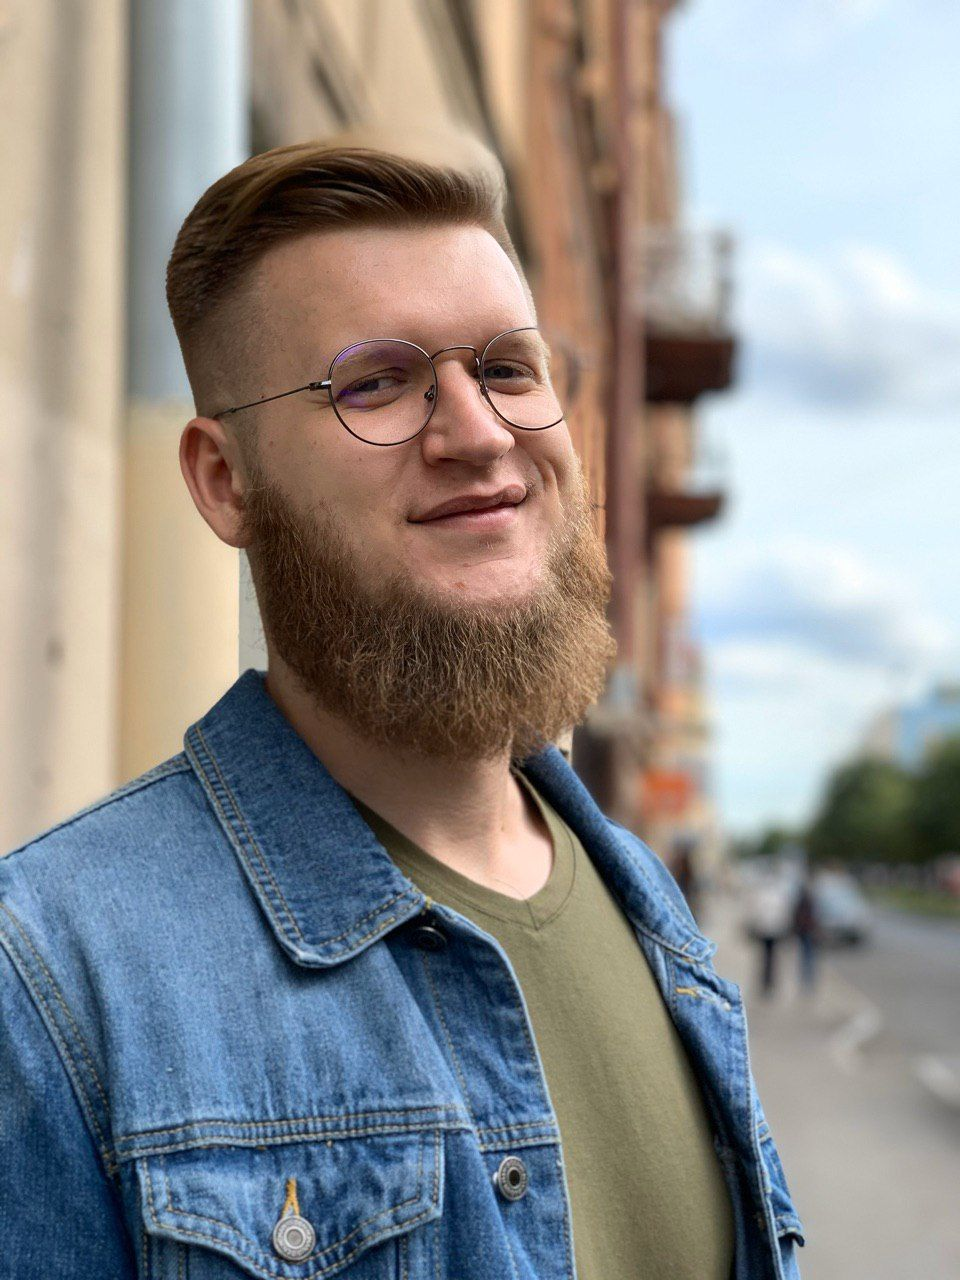 Nikita Balakirev